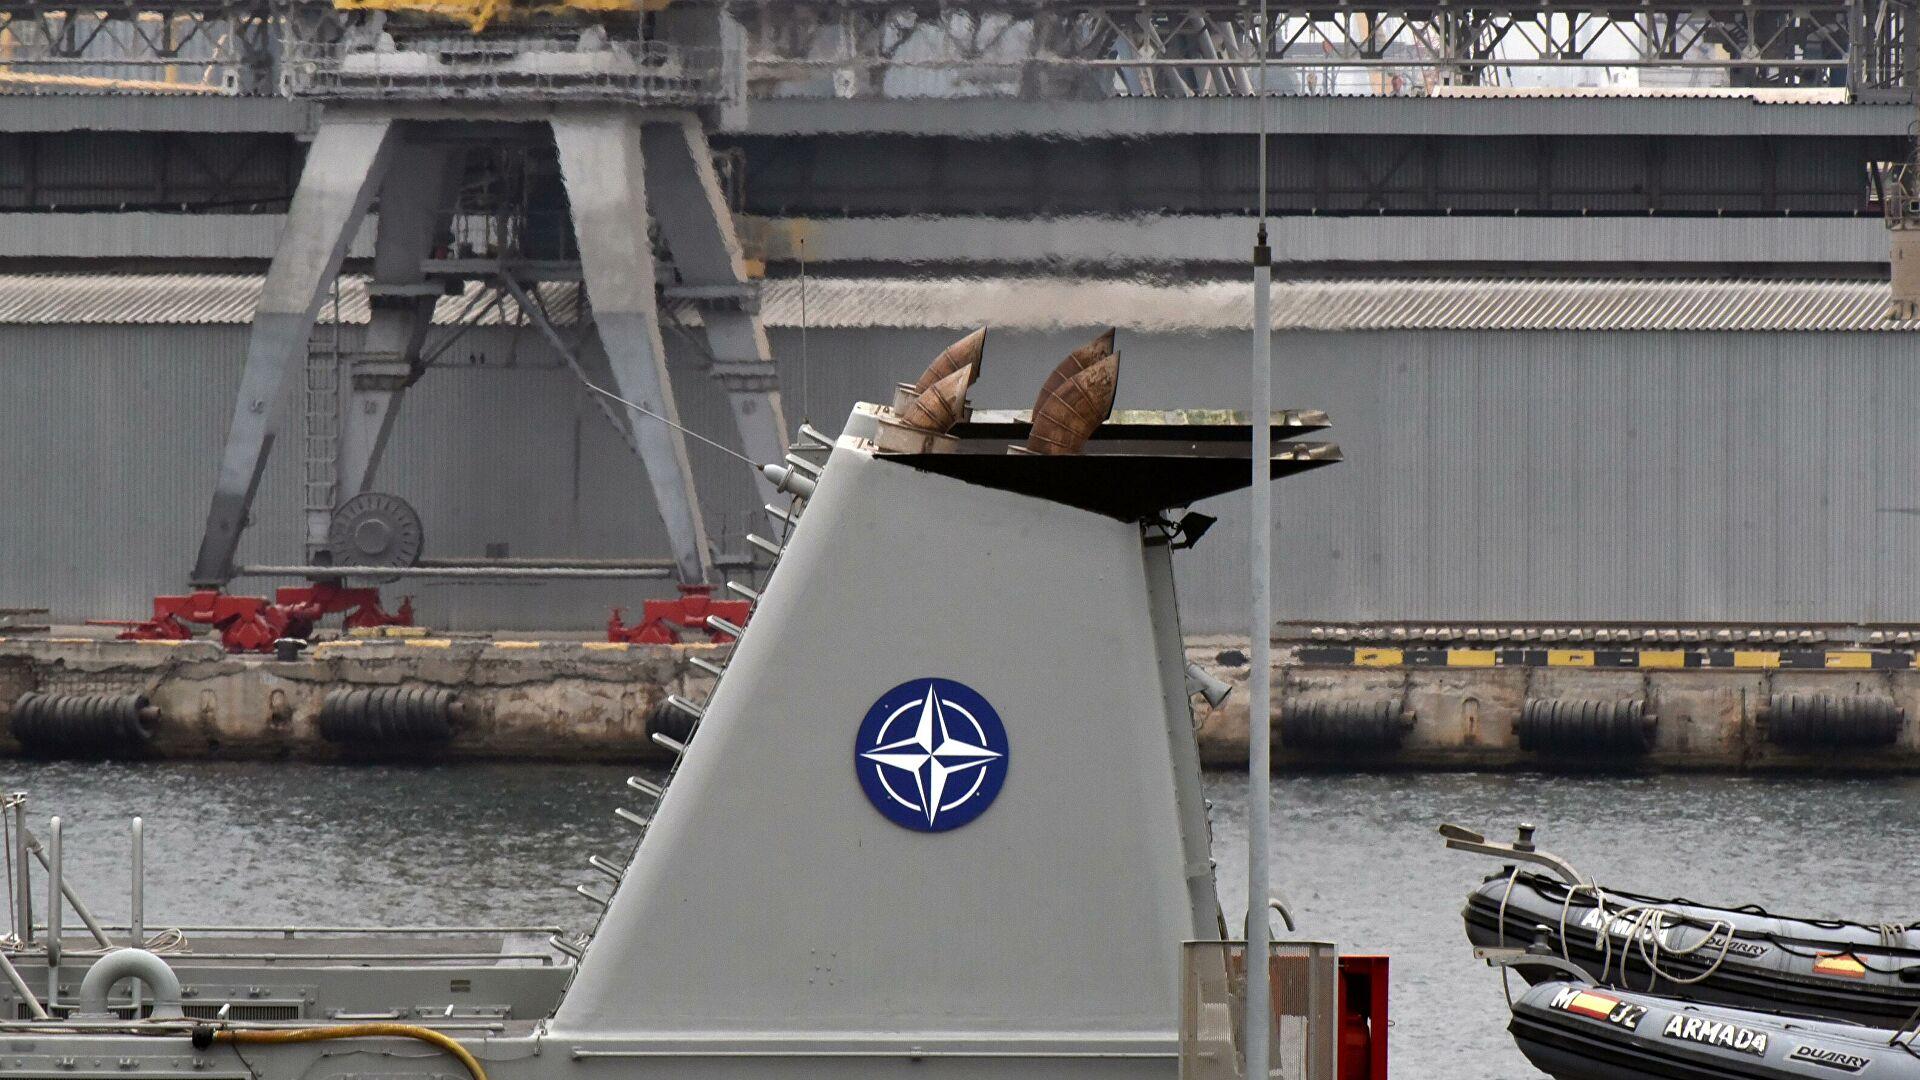 Косачев: Акције НАТО-а у Црном мору изазваће одговор Руије и других држава које нису чланице алијансе